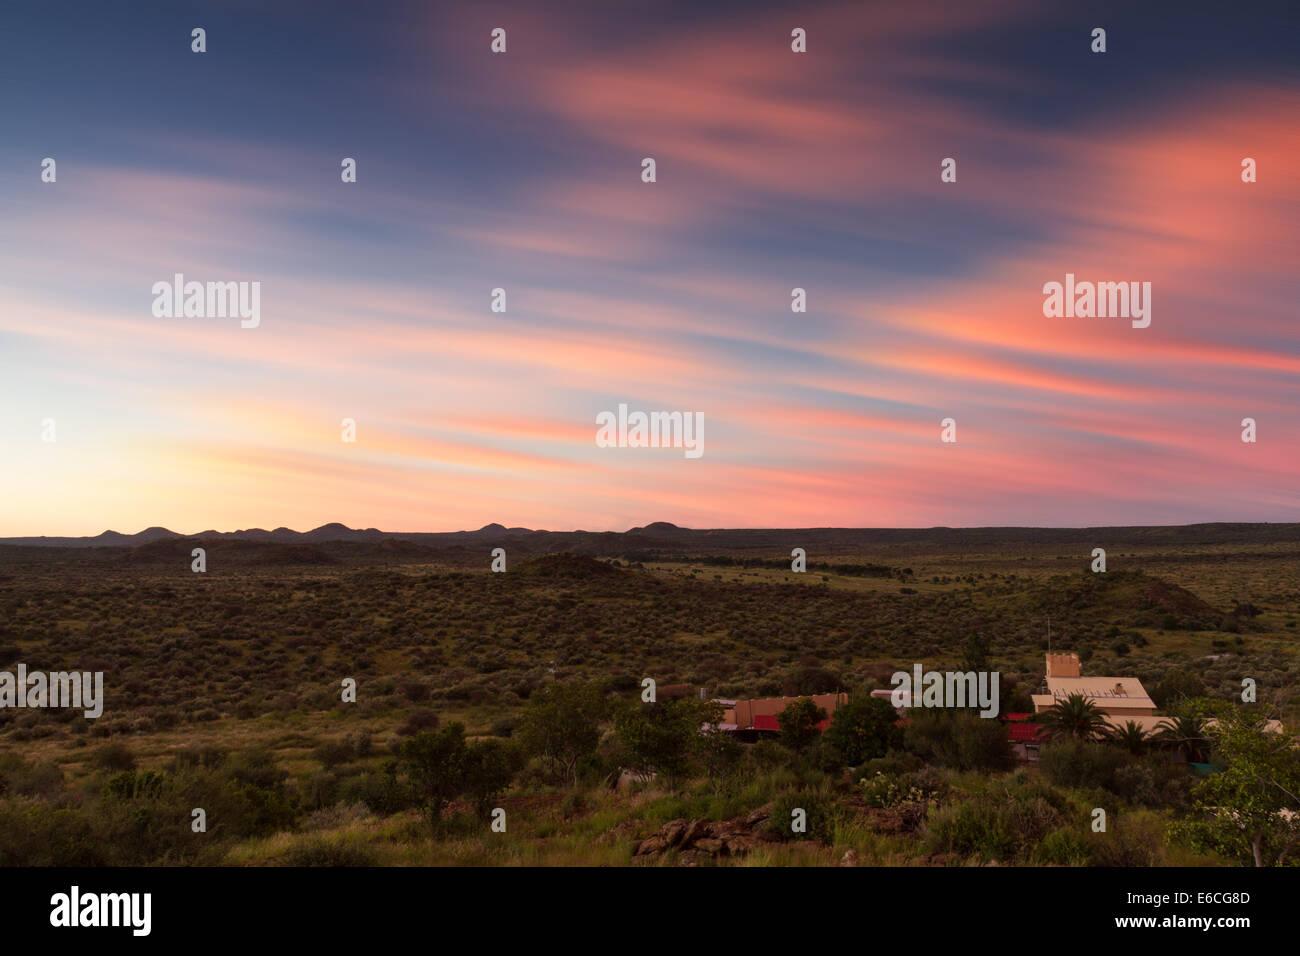 Namibian farmland at sunset, Windhoek, Namibia - Stock Image